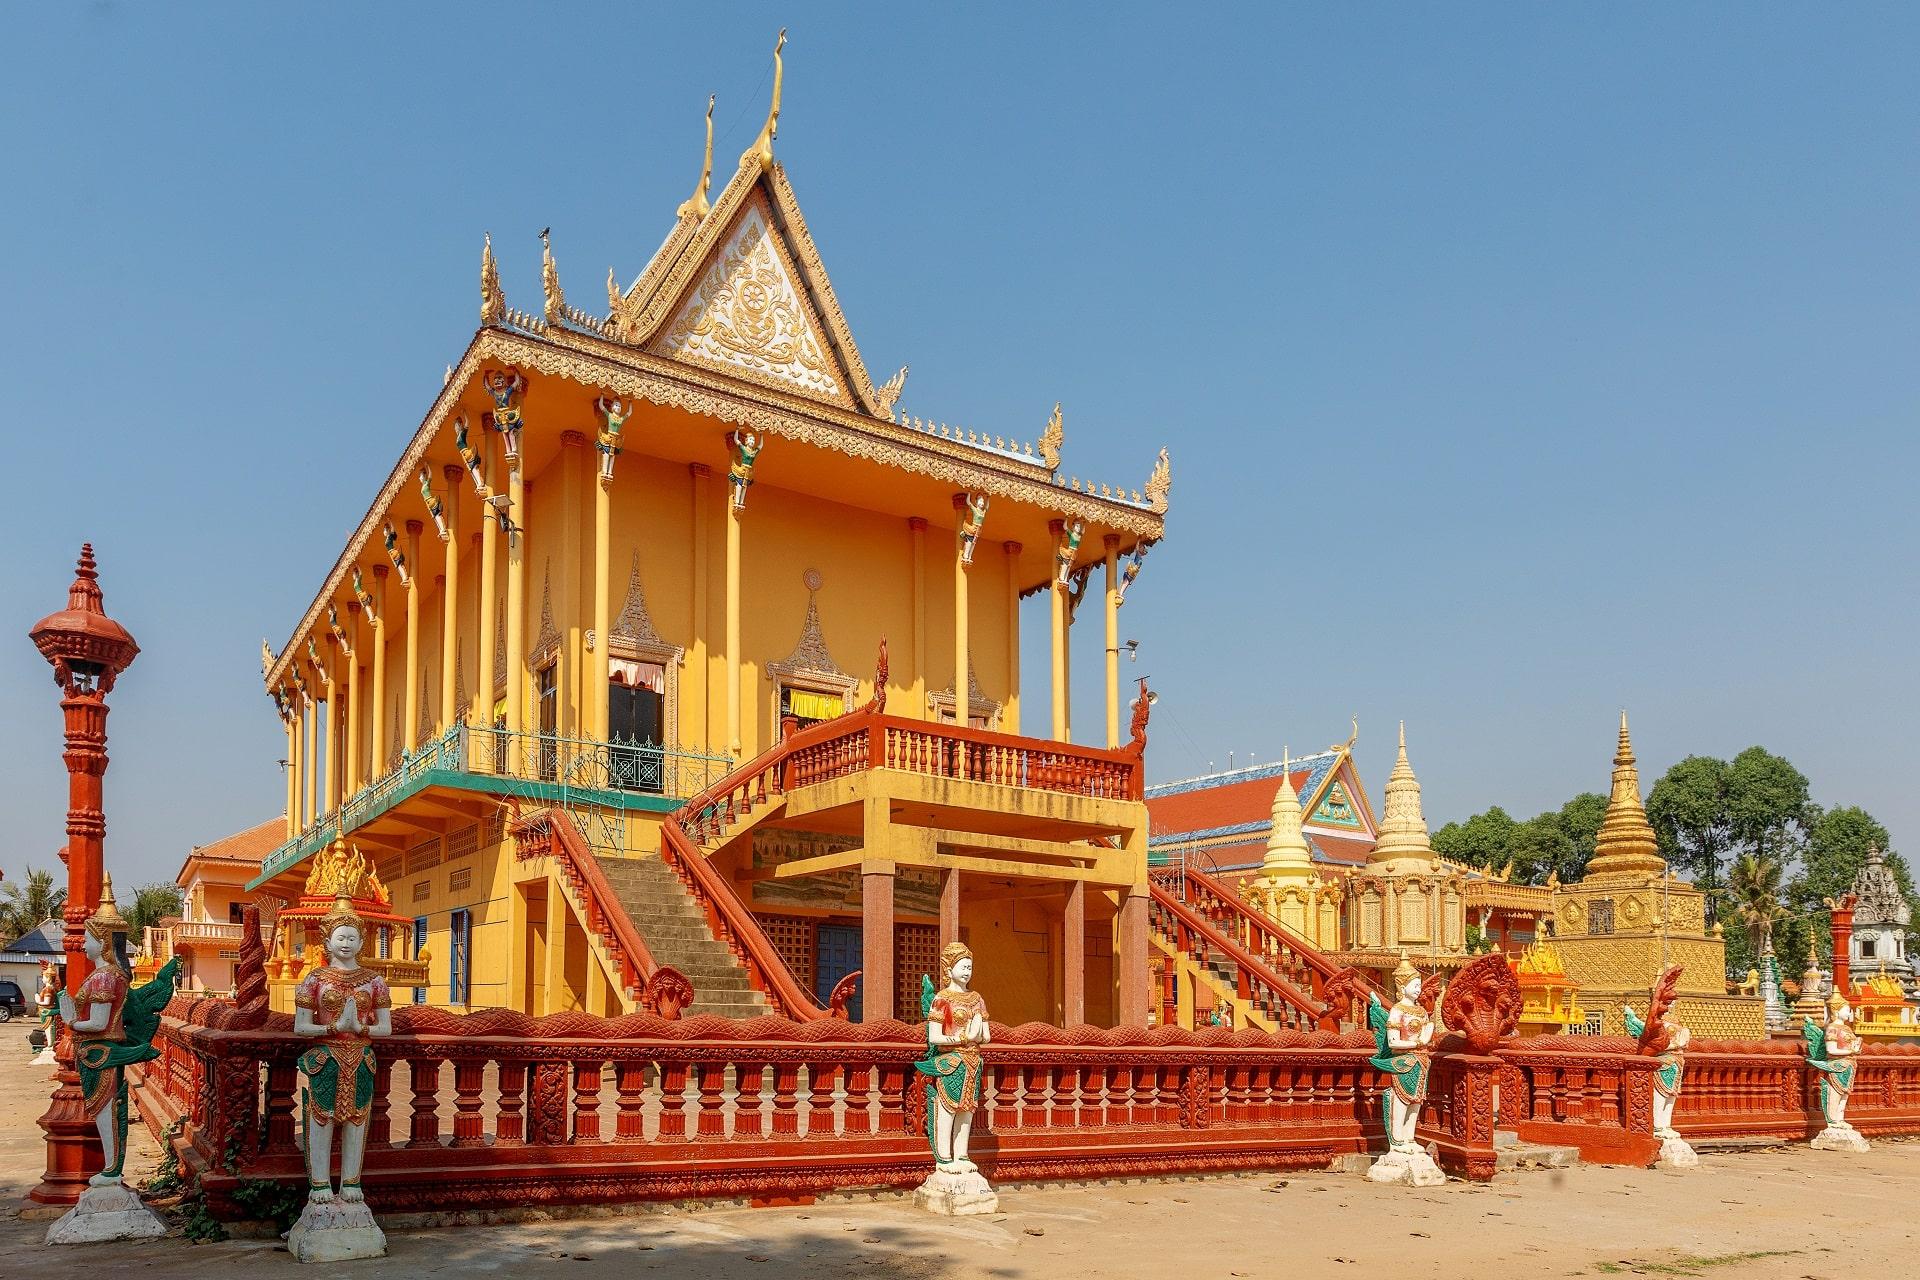 Angkor Ban_1394992799